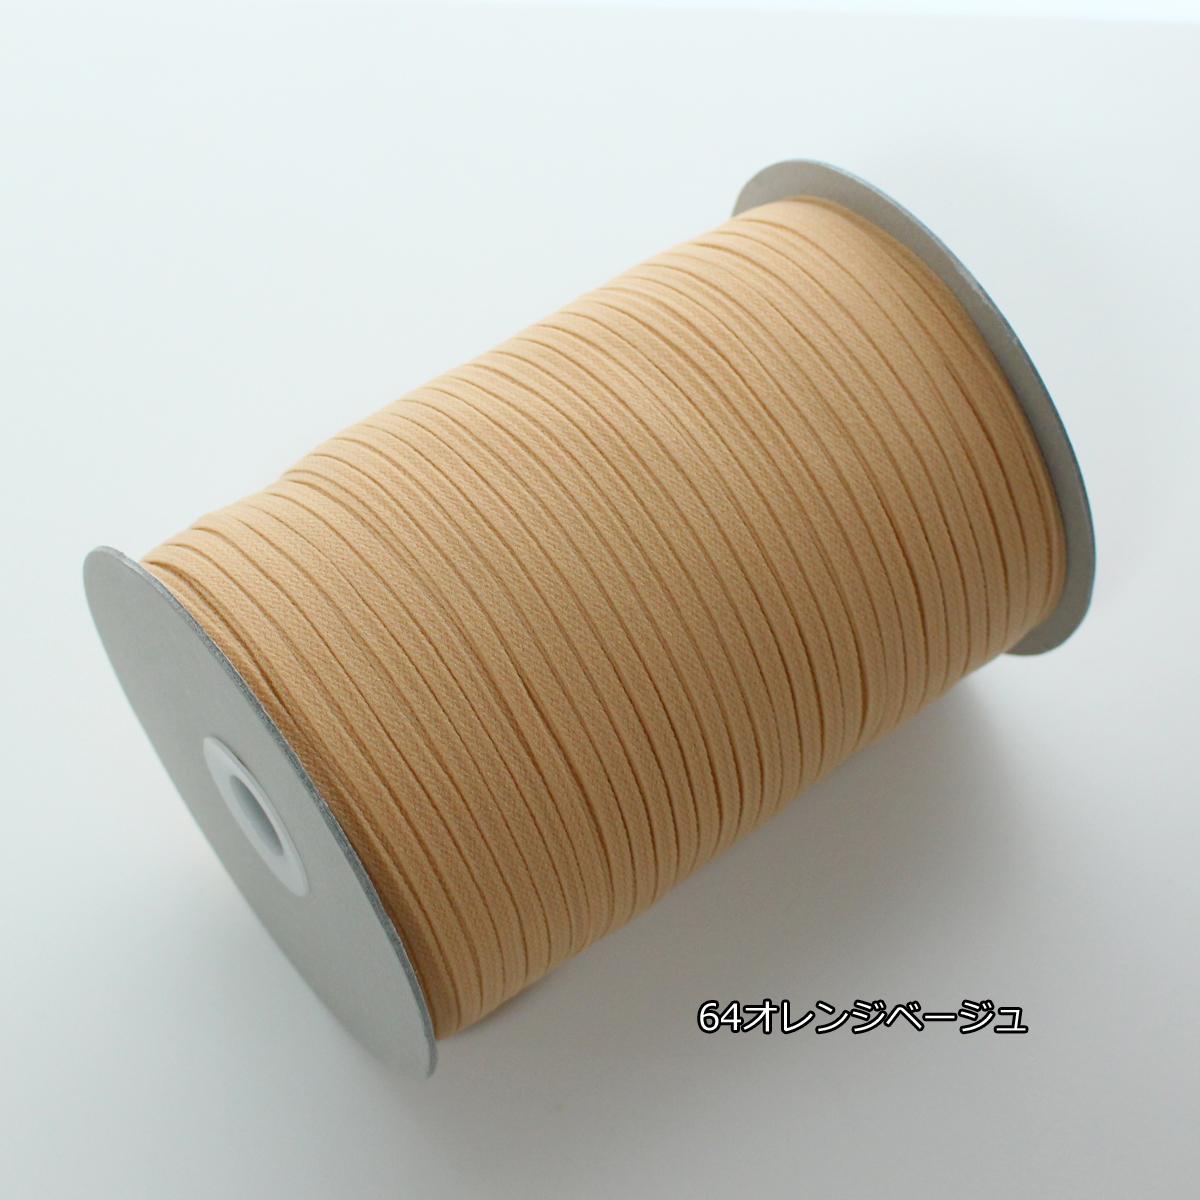 ★10個単位★【シミ汚れ有り】No,4600-6mm ウーリースピンテープ マスクヒモ 10m巻き×10個単位